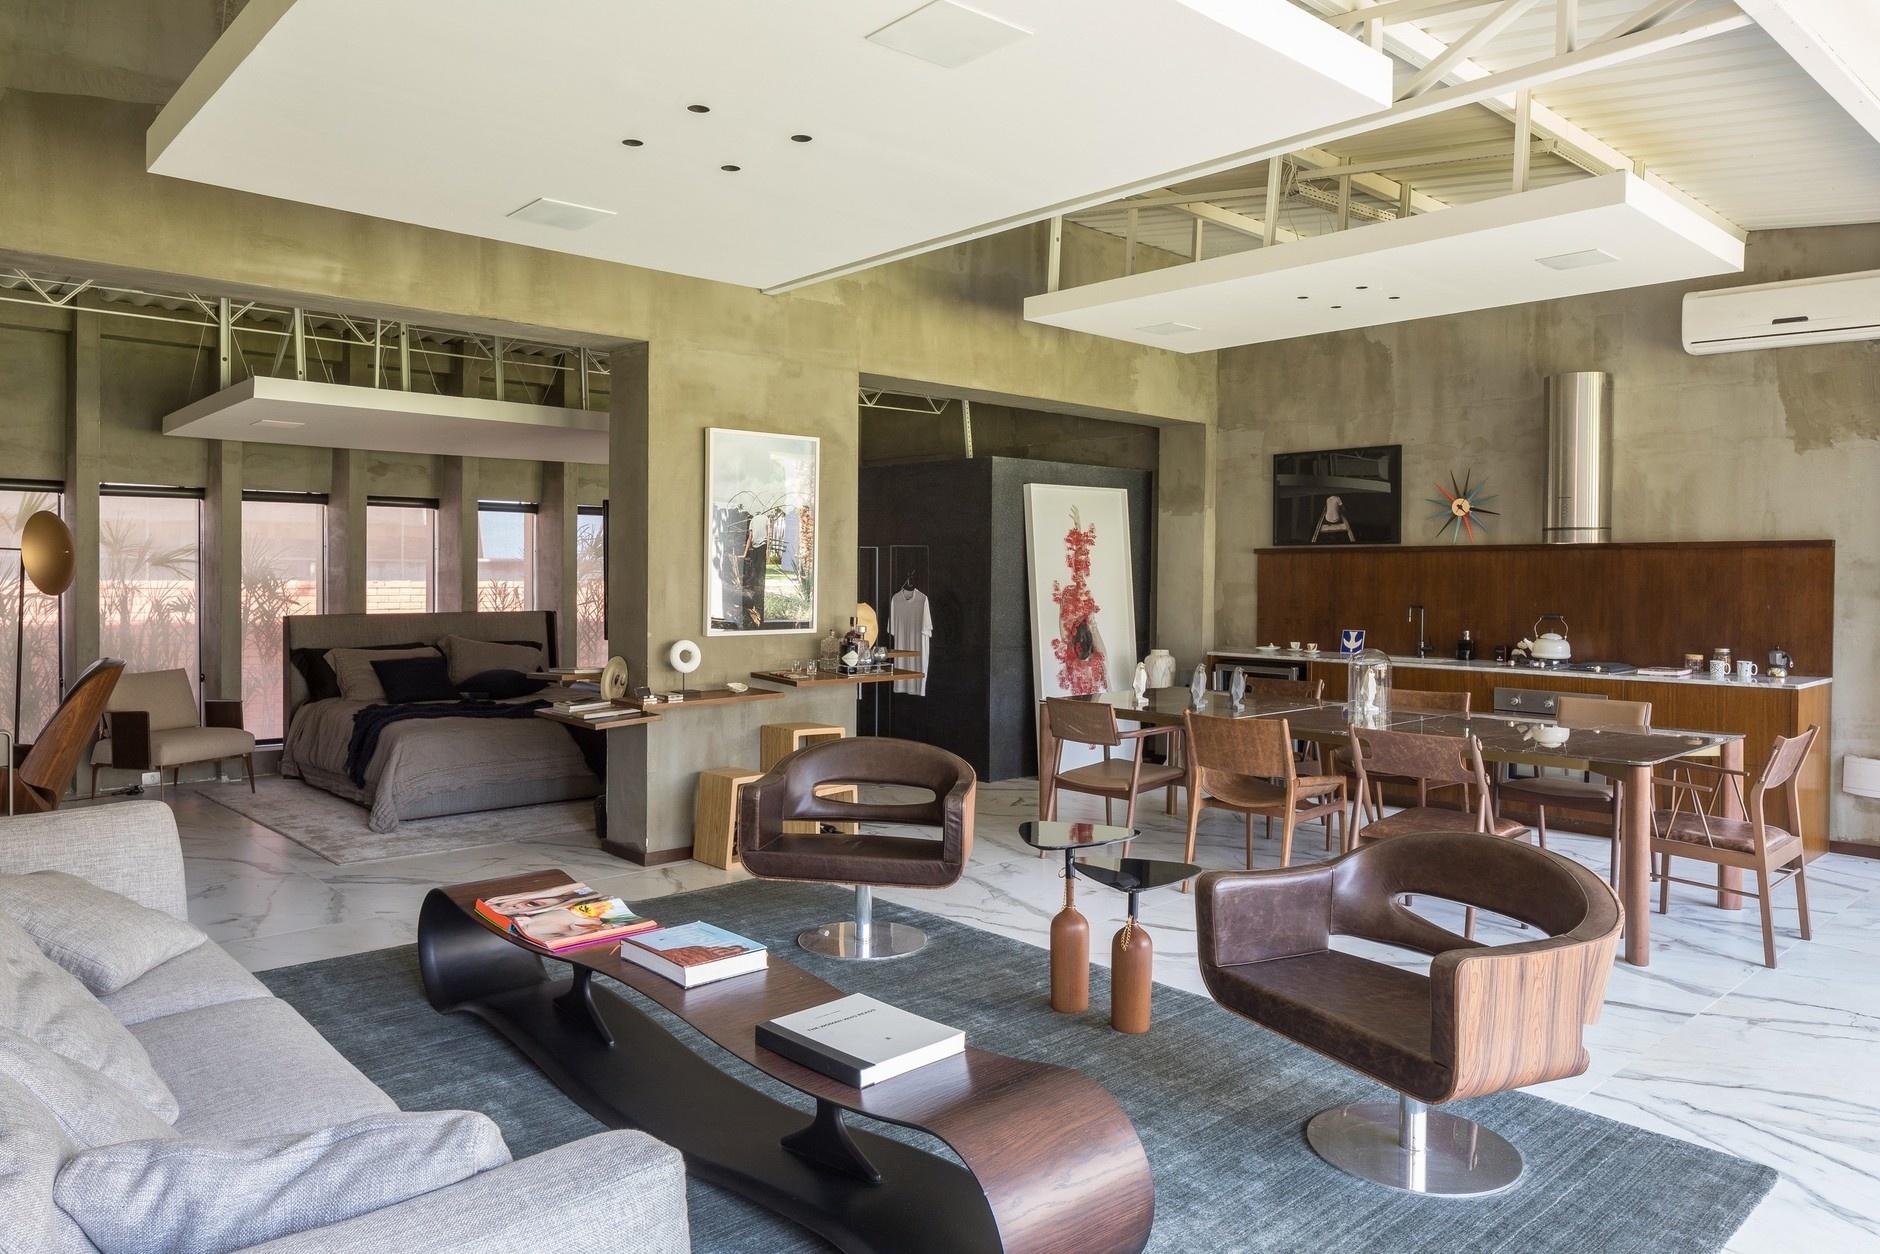 10 интерьеров в индустриальном стиле (галерея 0, фото 4)